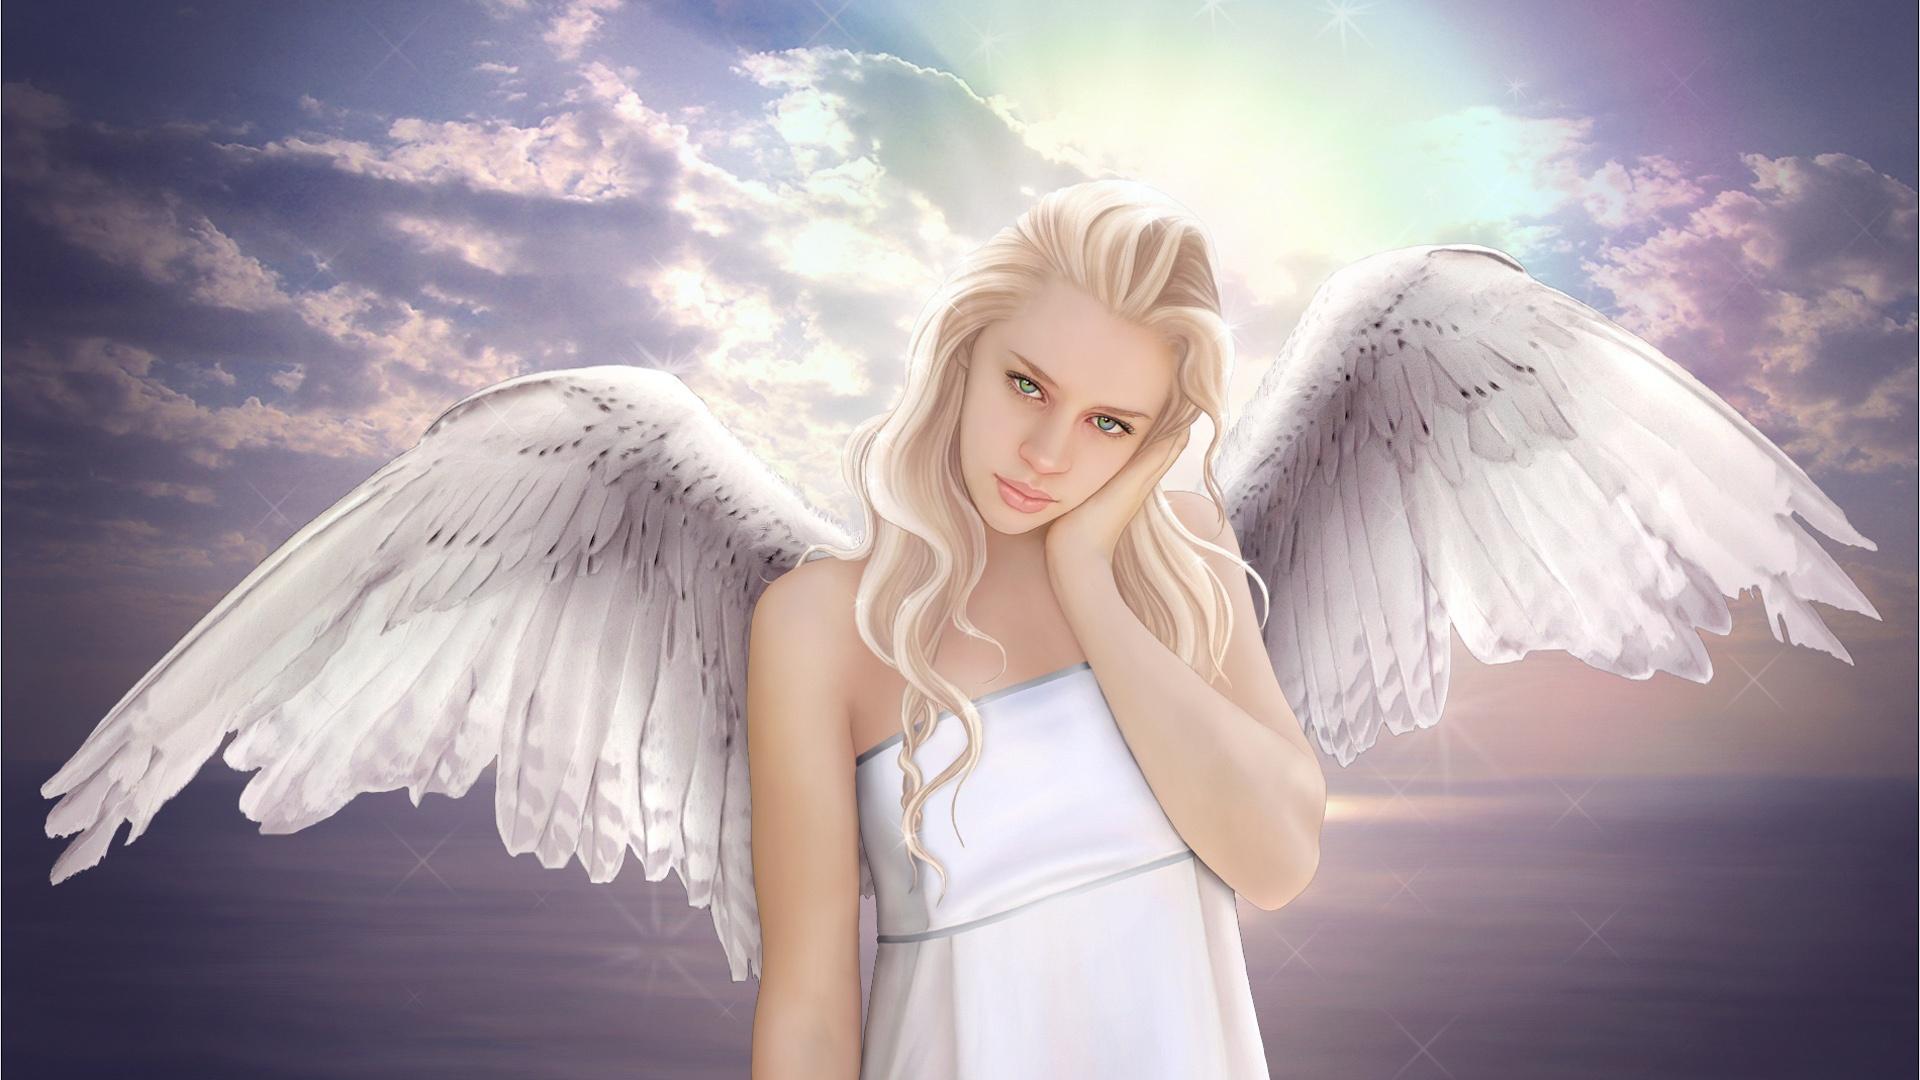 Wallpaper fantasy angel girl wings sky white 1920x1080 - Angel girl wallpaper ...